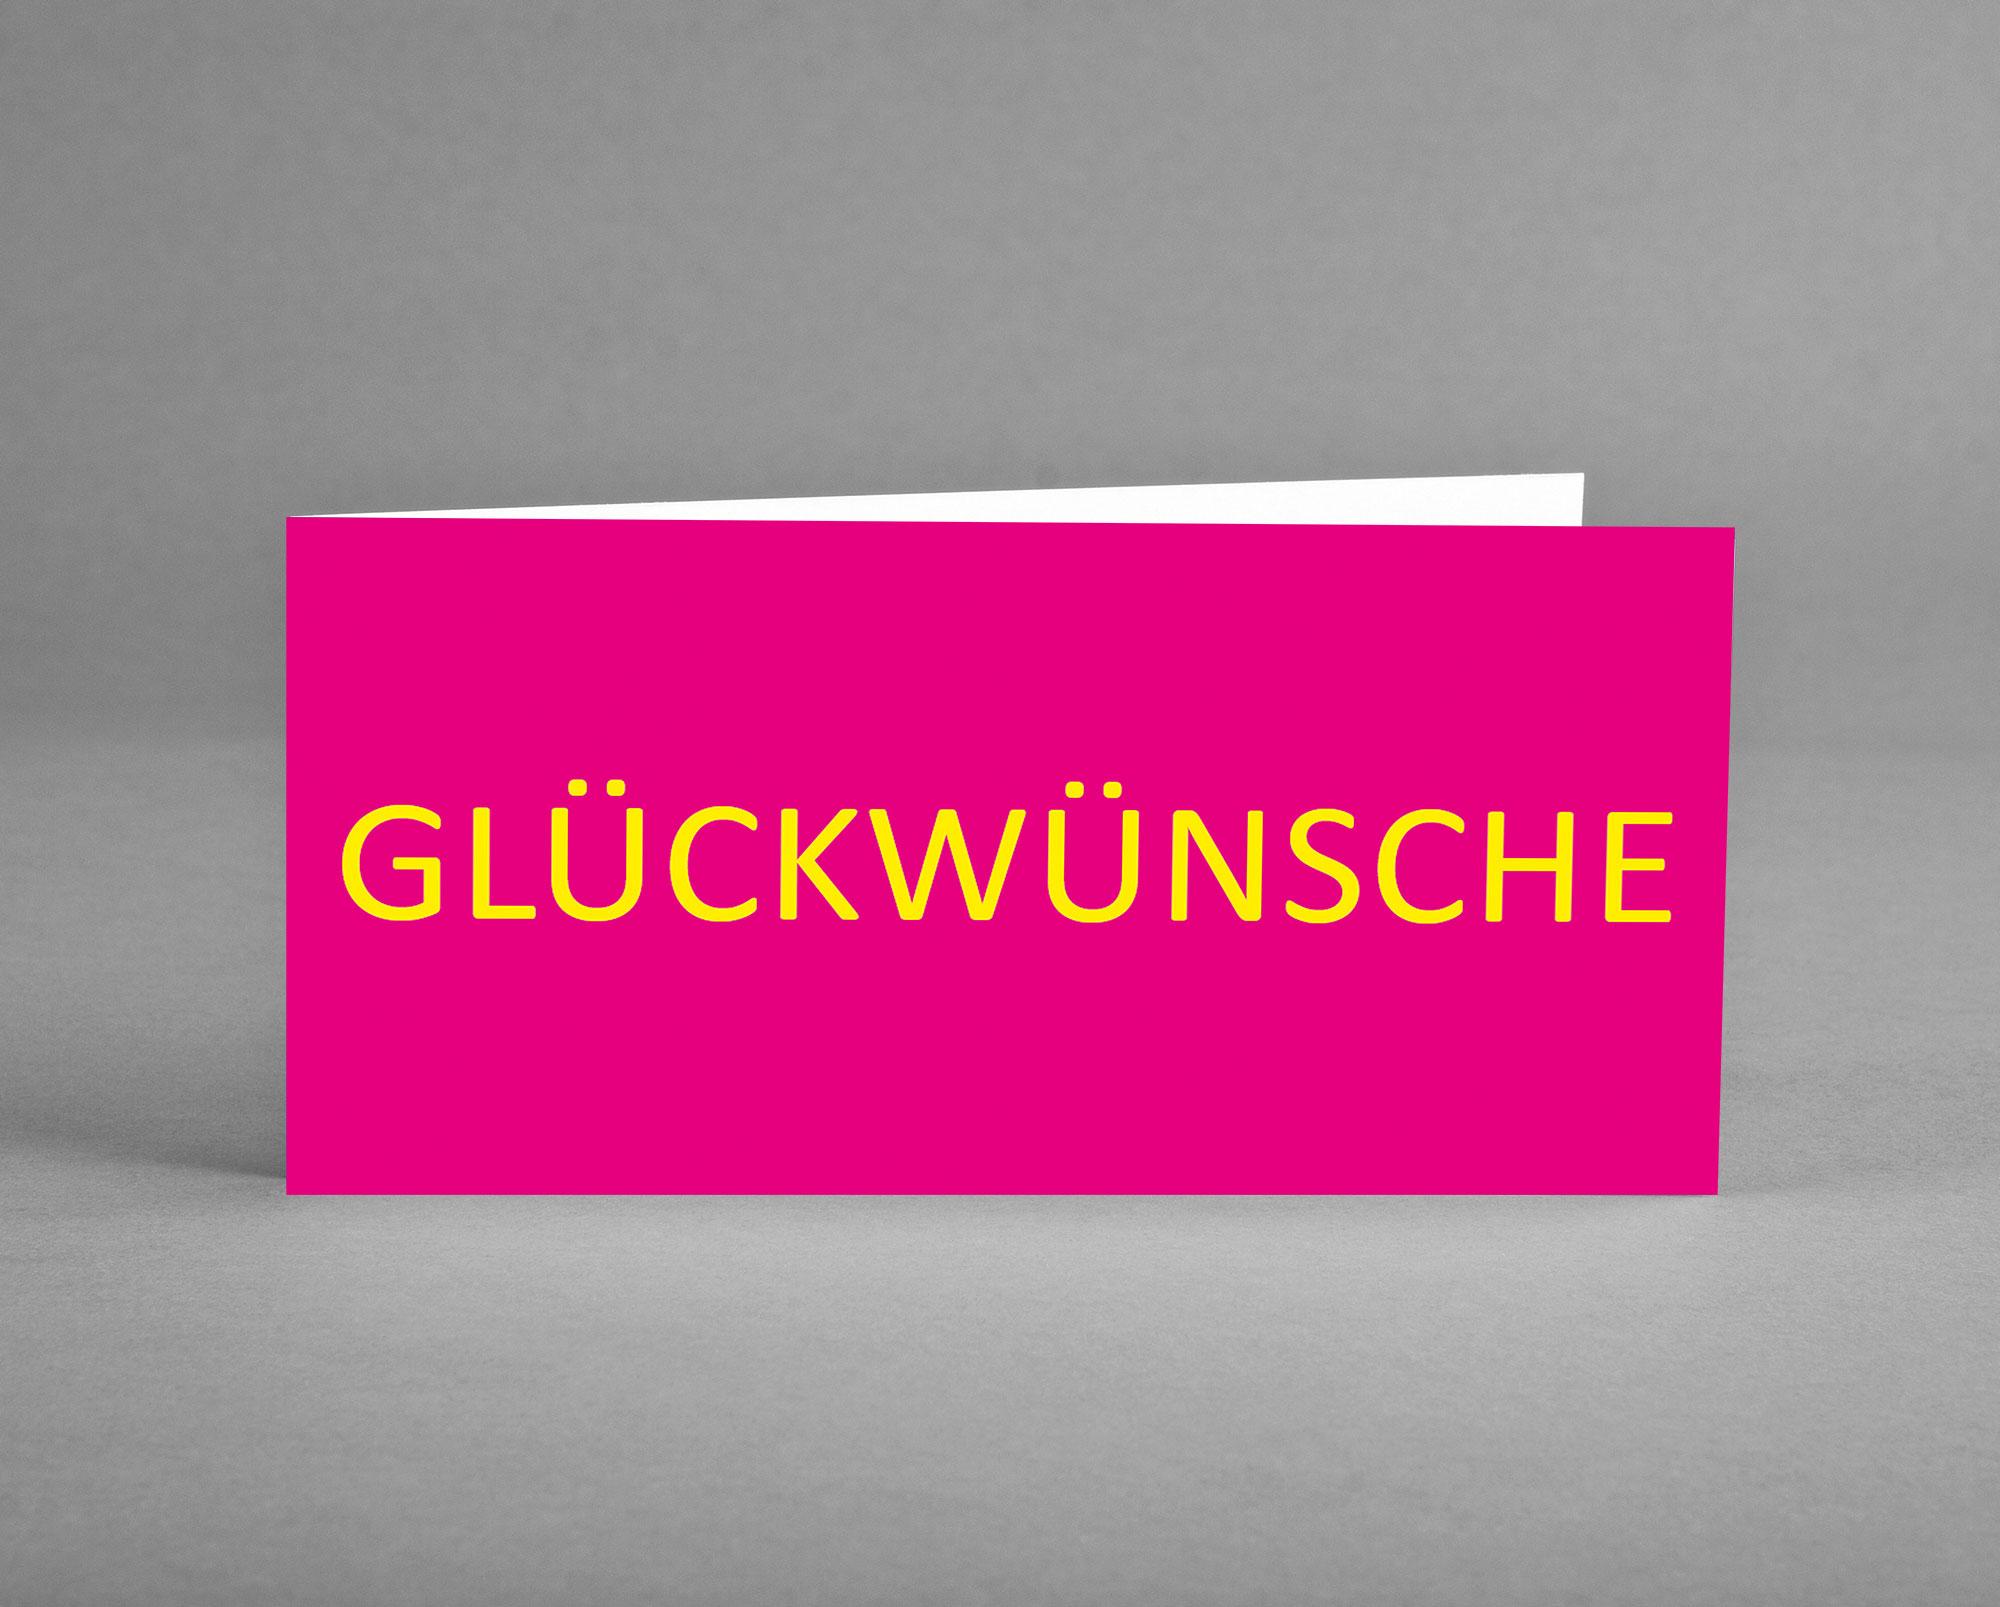 G-ckw-nsche_magenta_pink_grusskarten-design_aussenGlA7YAch5OMgF